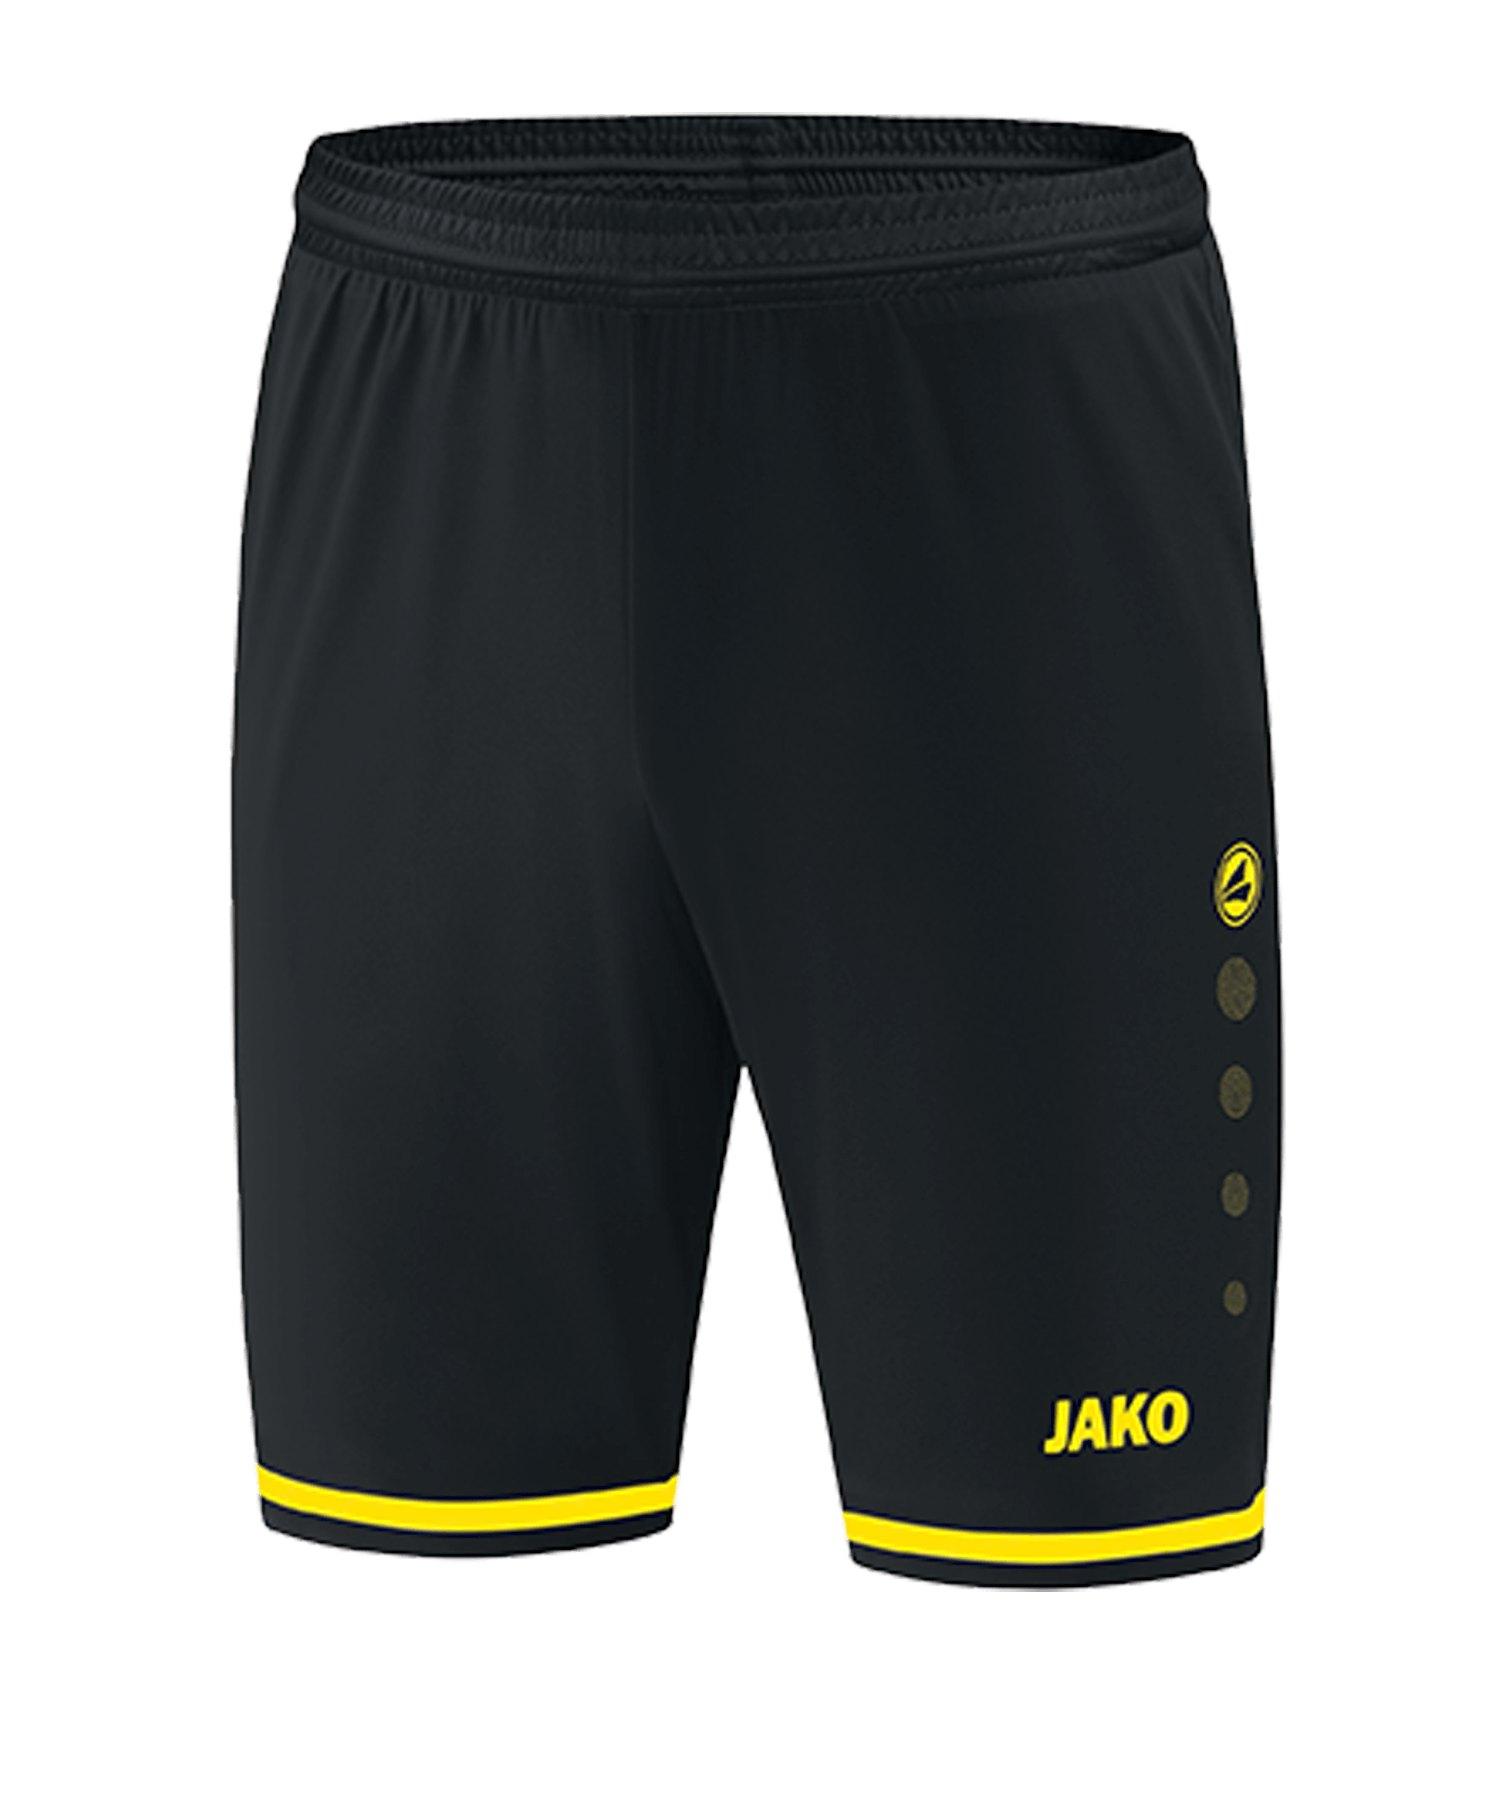 JAKO Striker 2.0 Short Schwarz F83 - schwarz